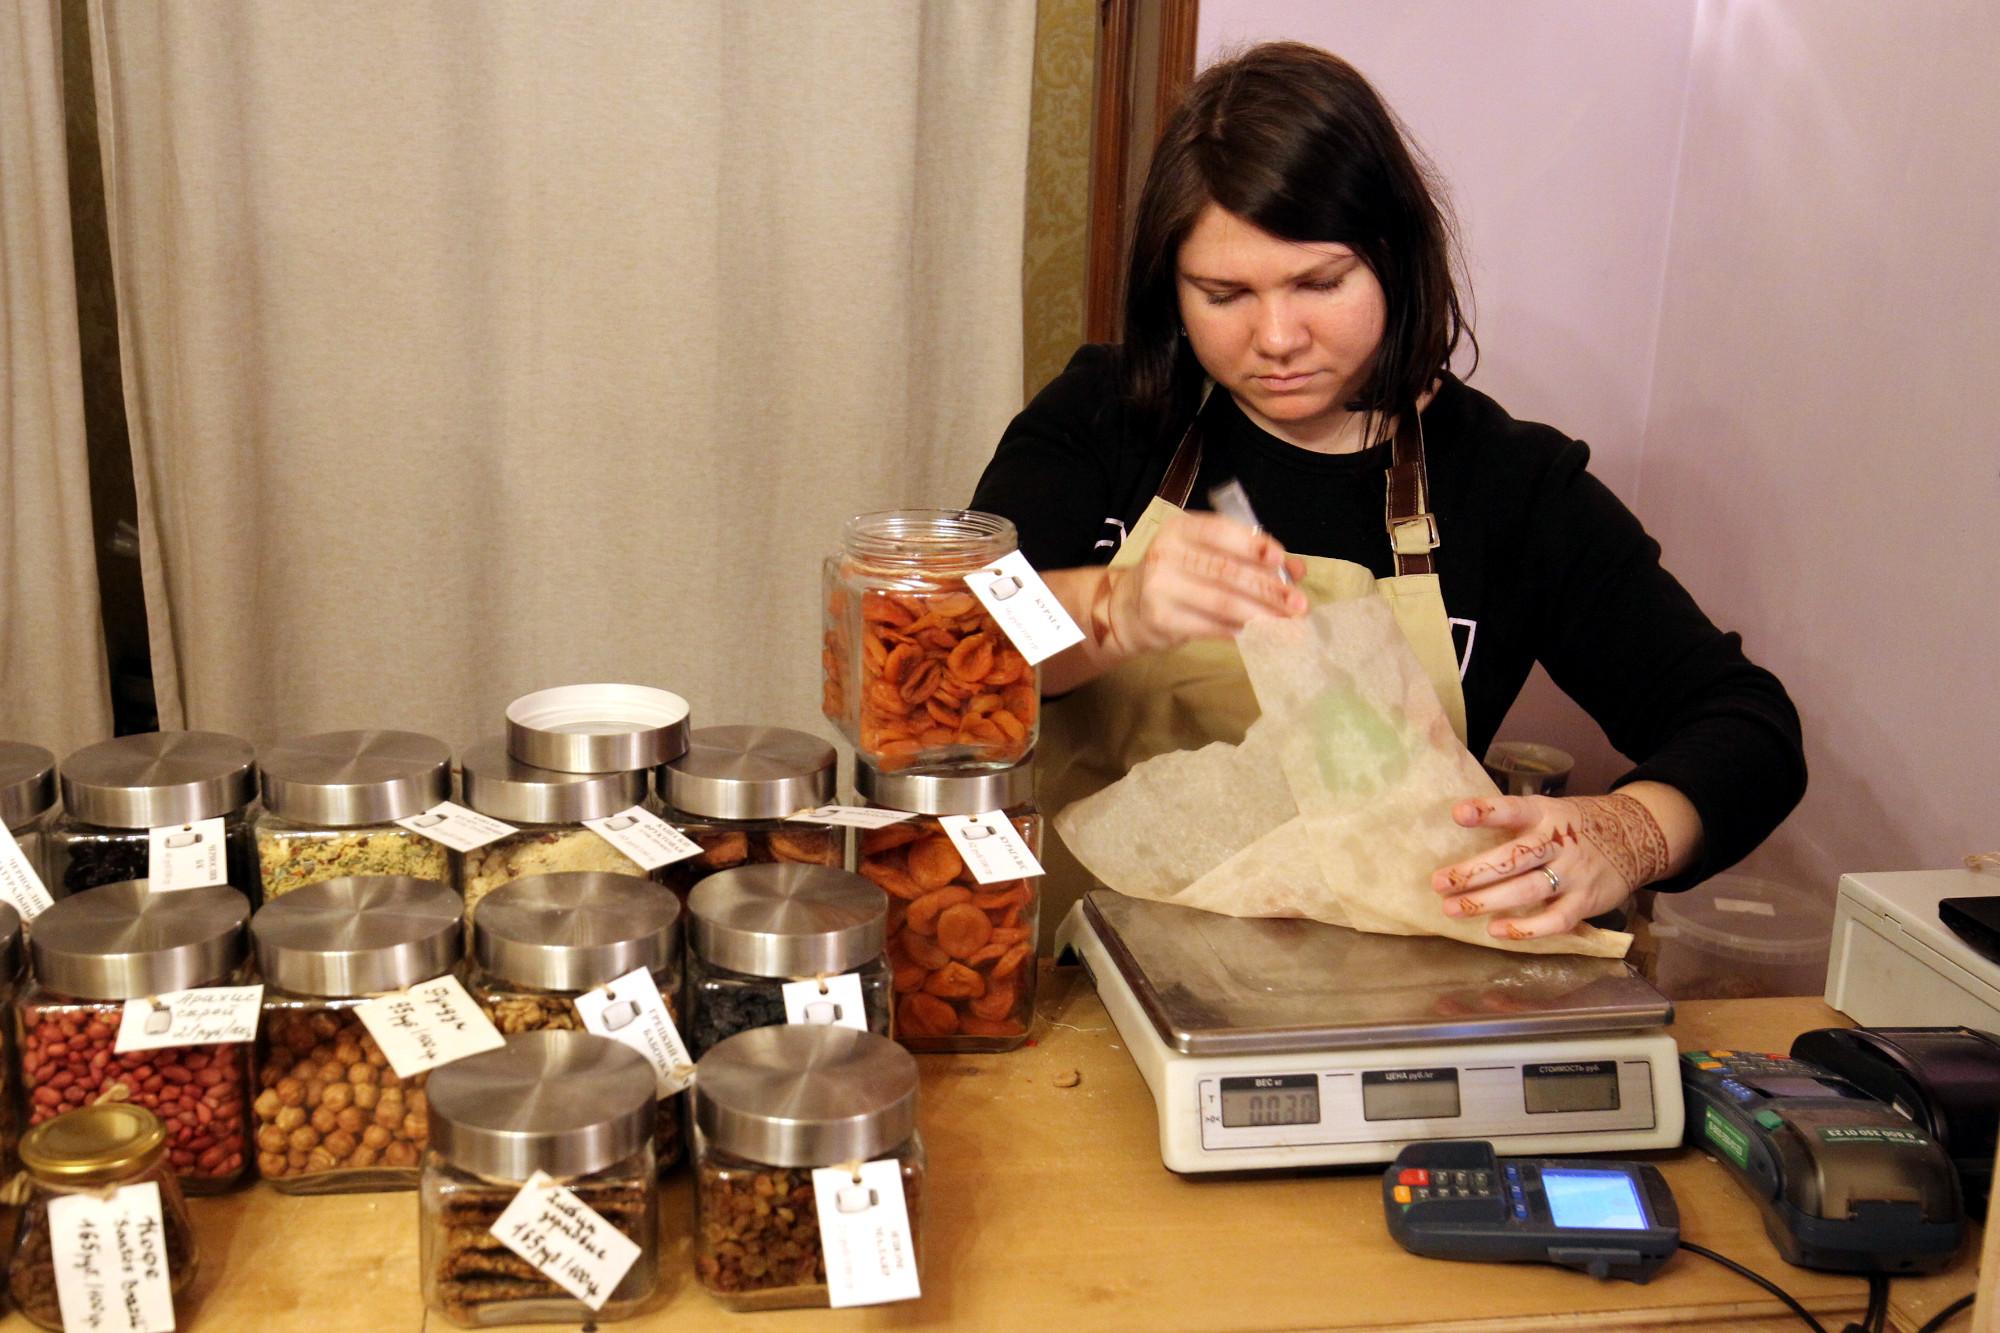 магазин без упаковки экологичный образ жизни сухофрукты весы торговля